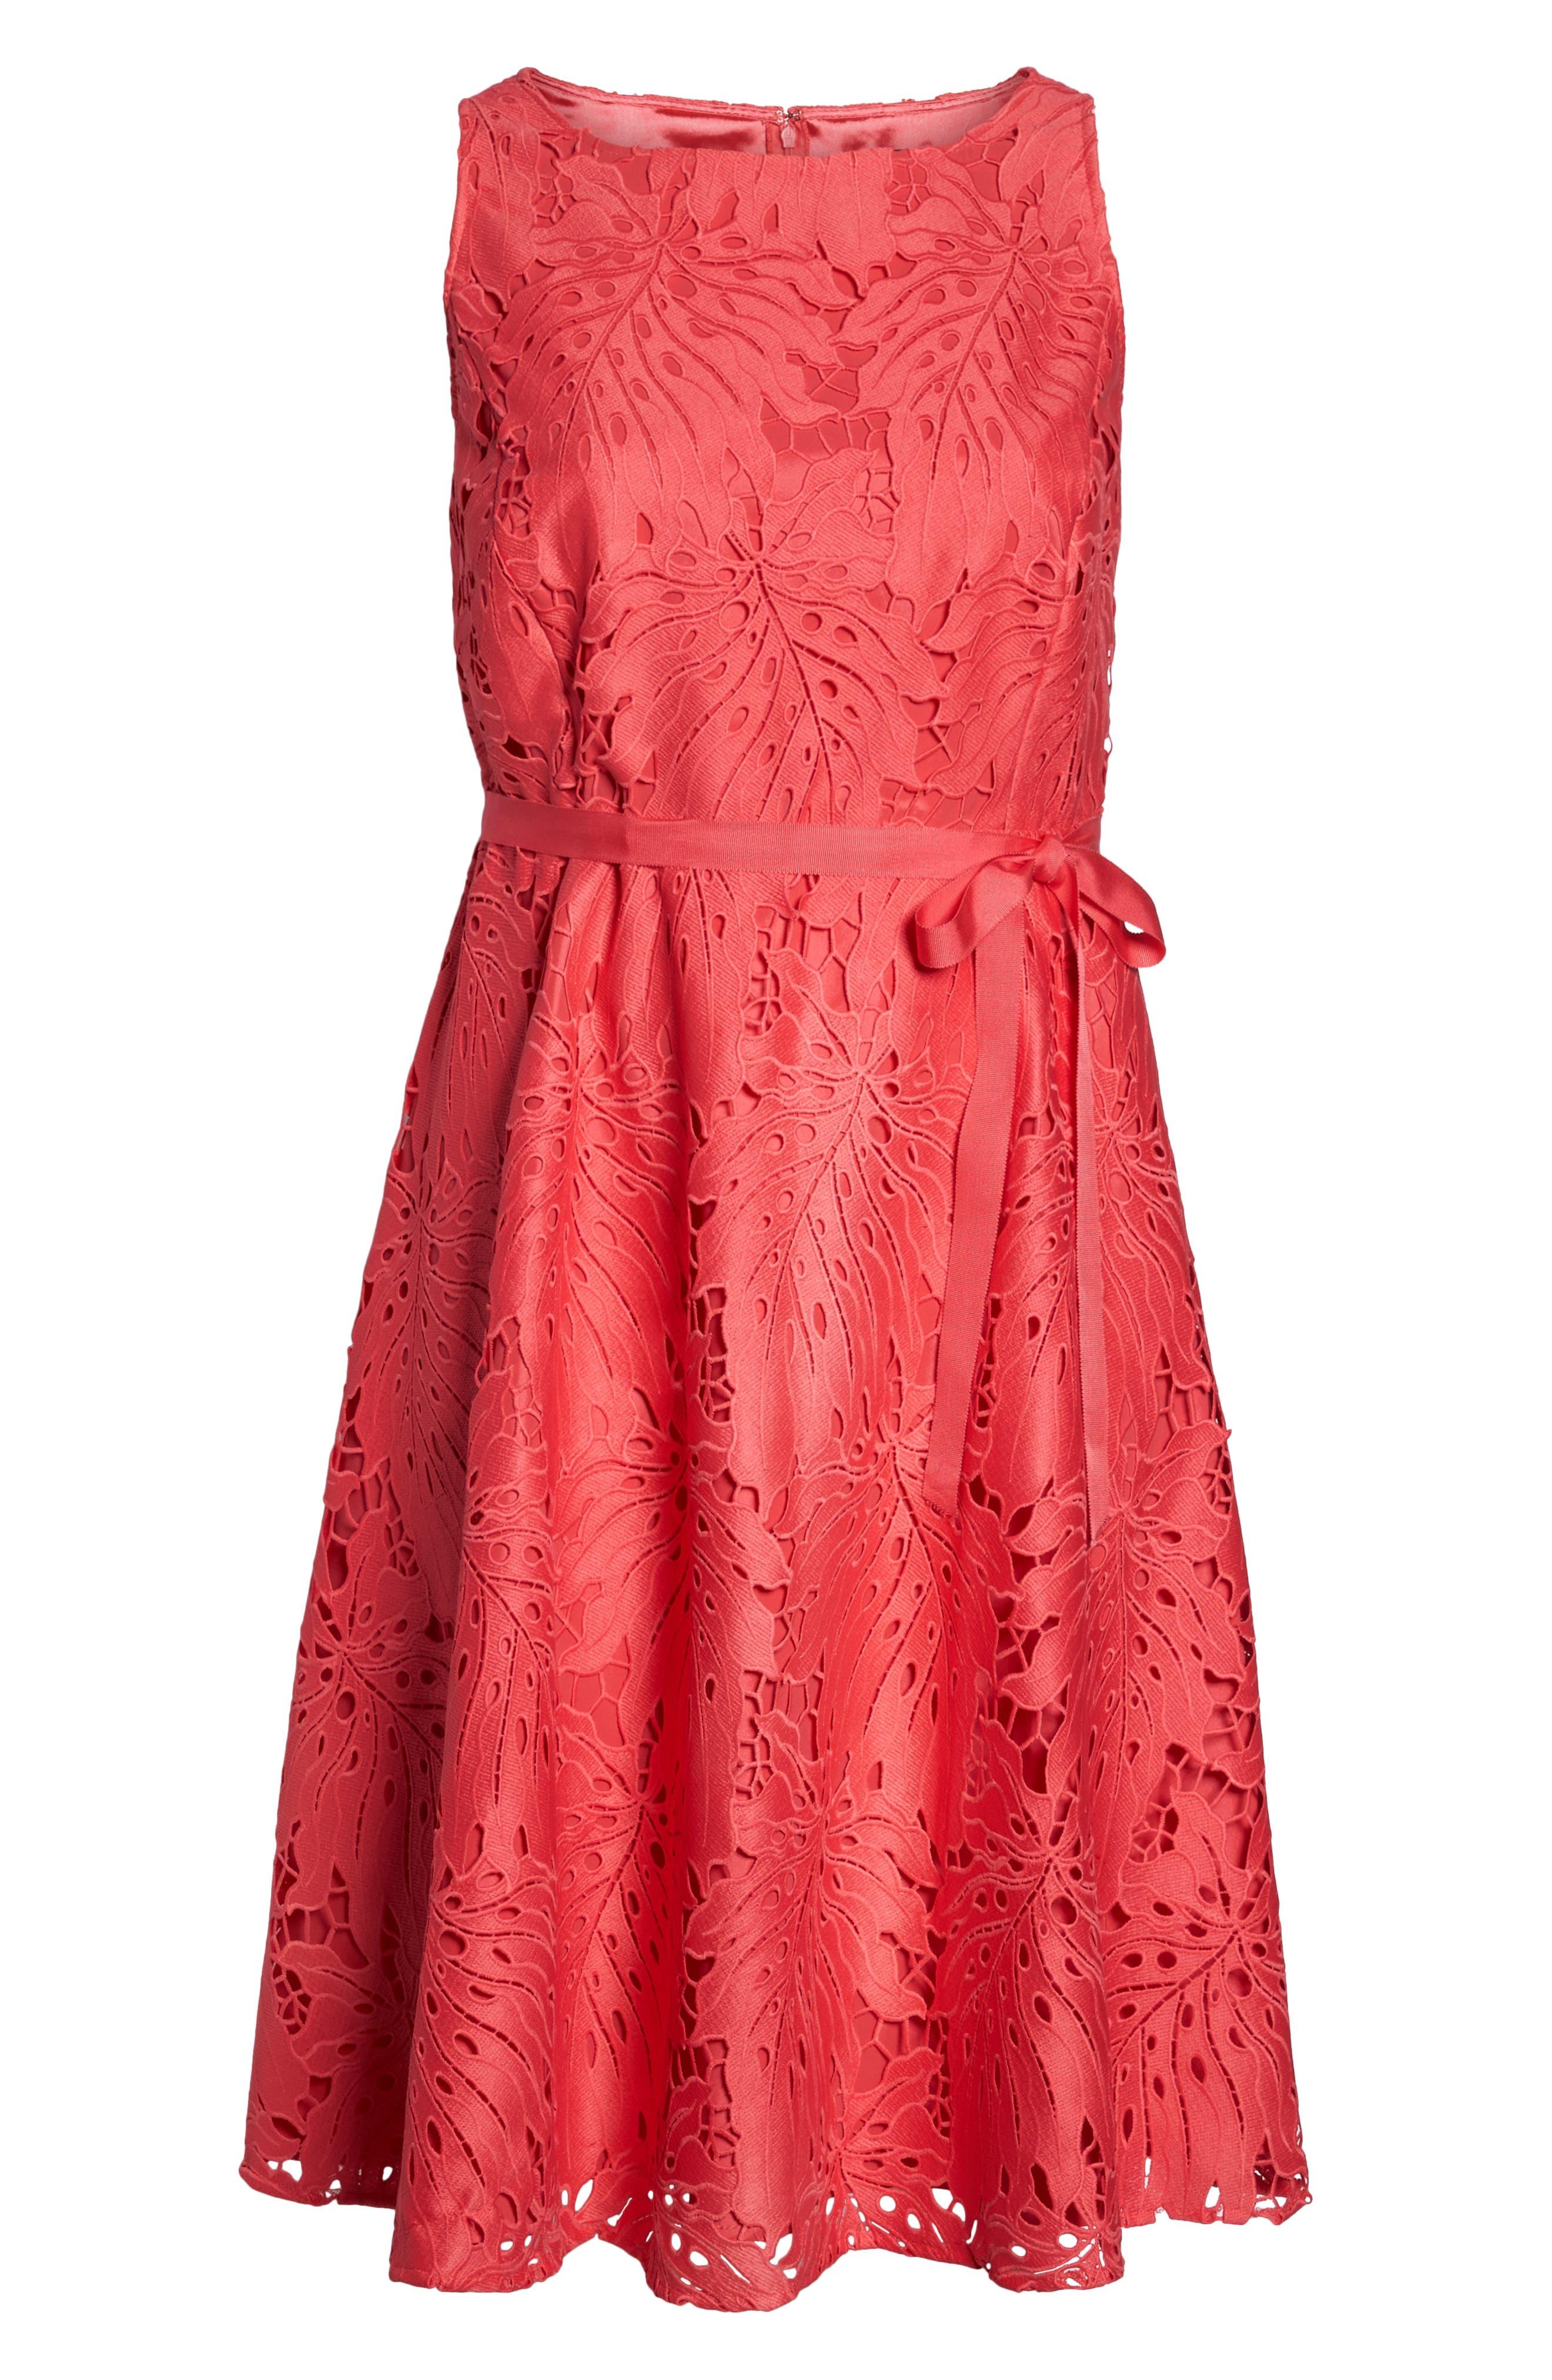 Palm Leaf Chemical Lace A-Line Dress,                             Alternate thumbnail 7, color,                             Watermelon